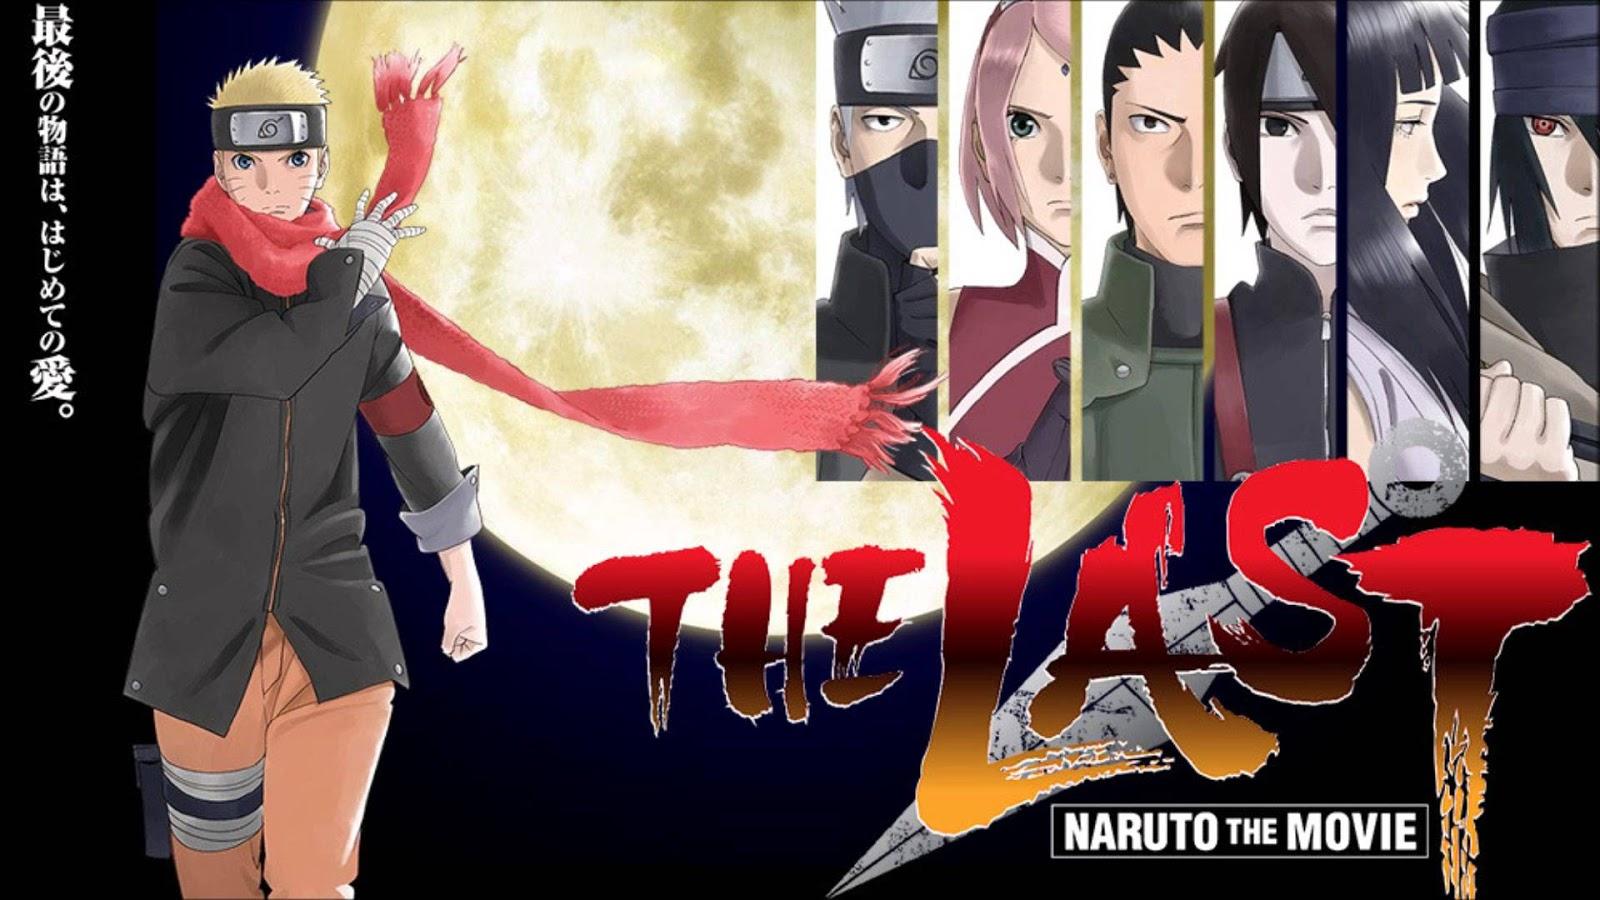 Kabar Gembira Sekaligus Mengejutkan Sempat Menghampiri Pada Bulan Juni 2016 Ini Dikarenakan Global TV Akan Menayangkan The Last Naruto Movie